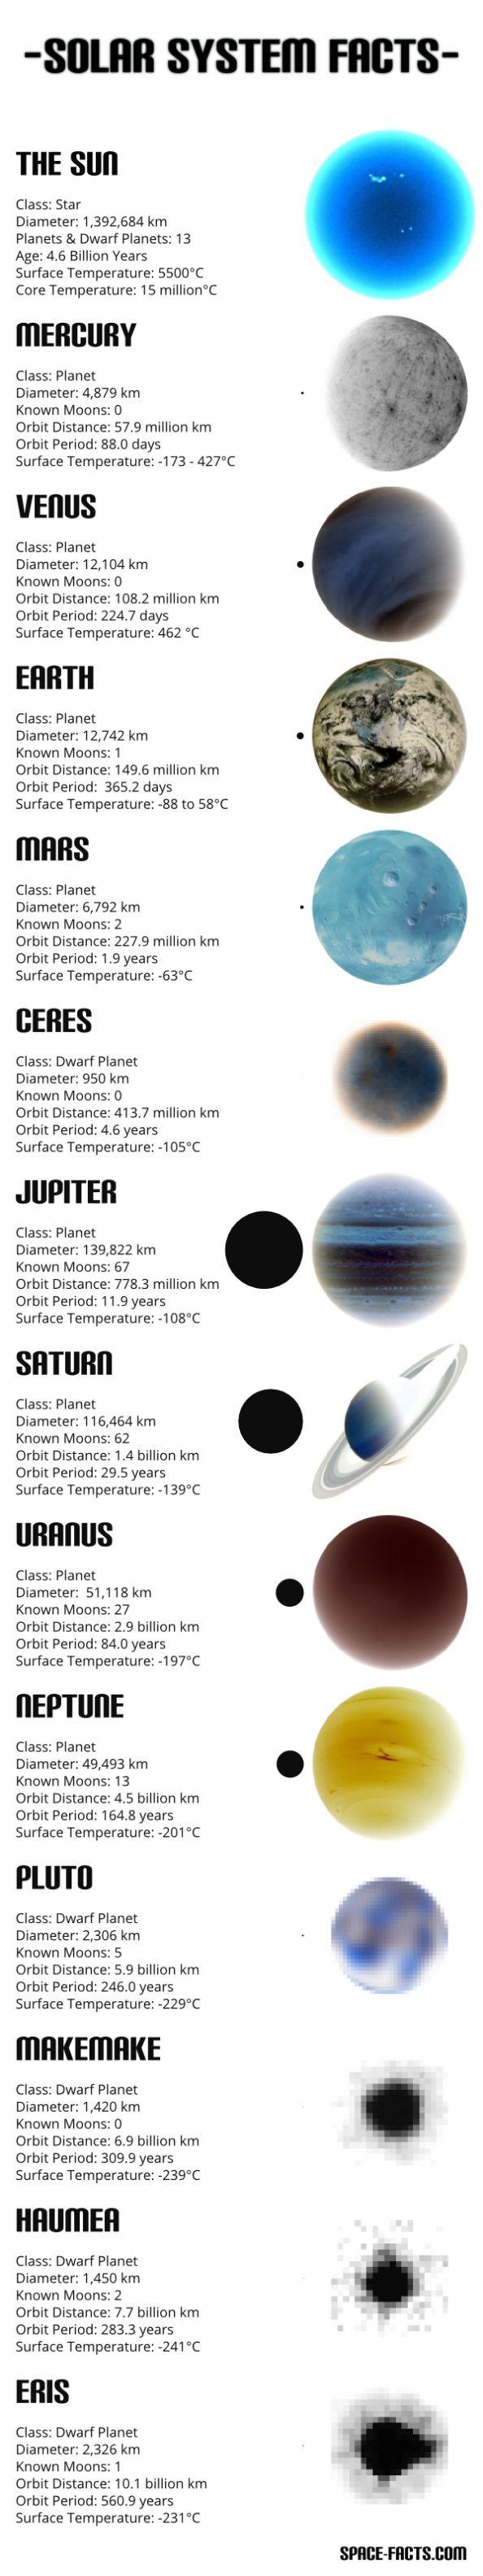 fact uranu solar system - photo #27